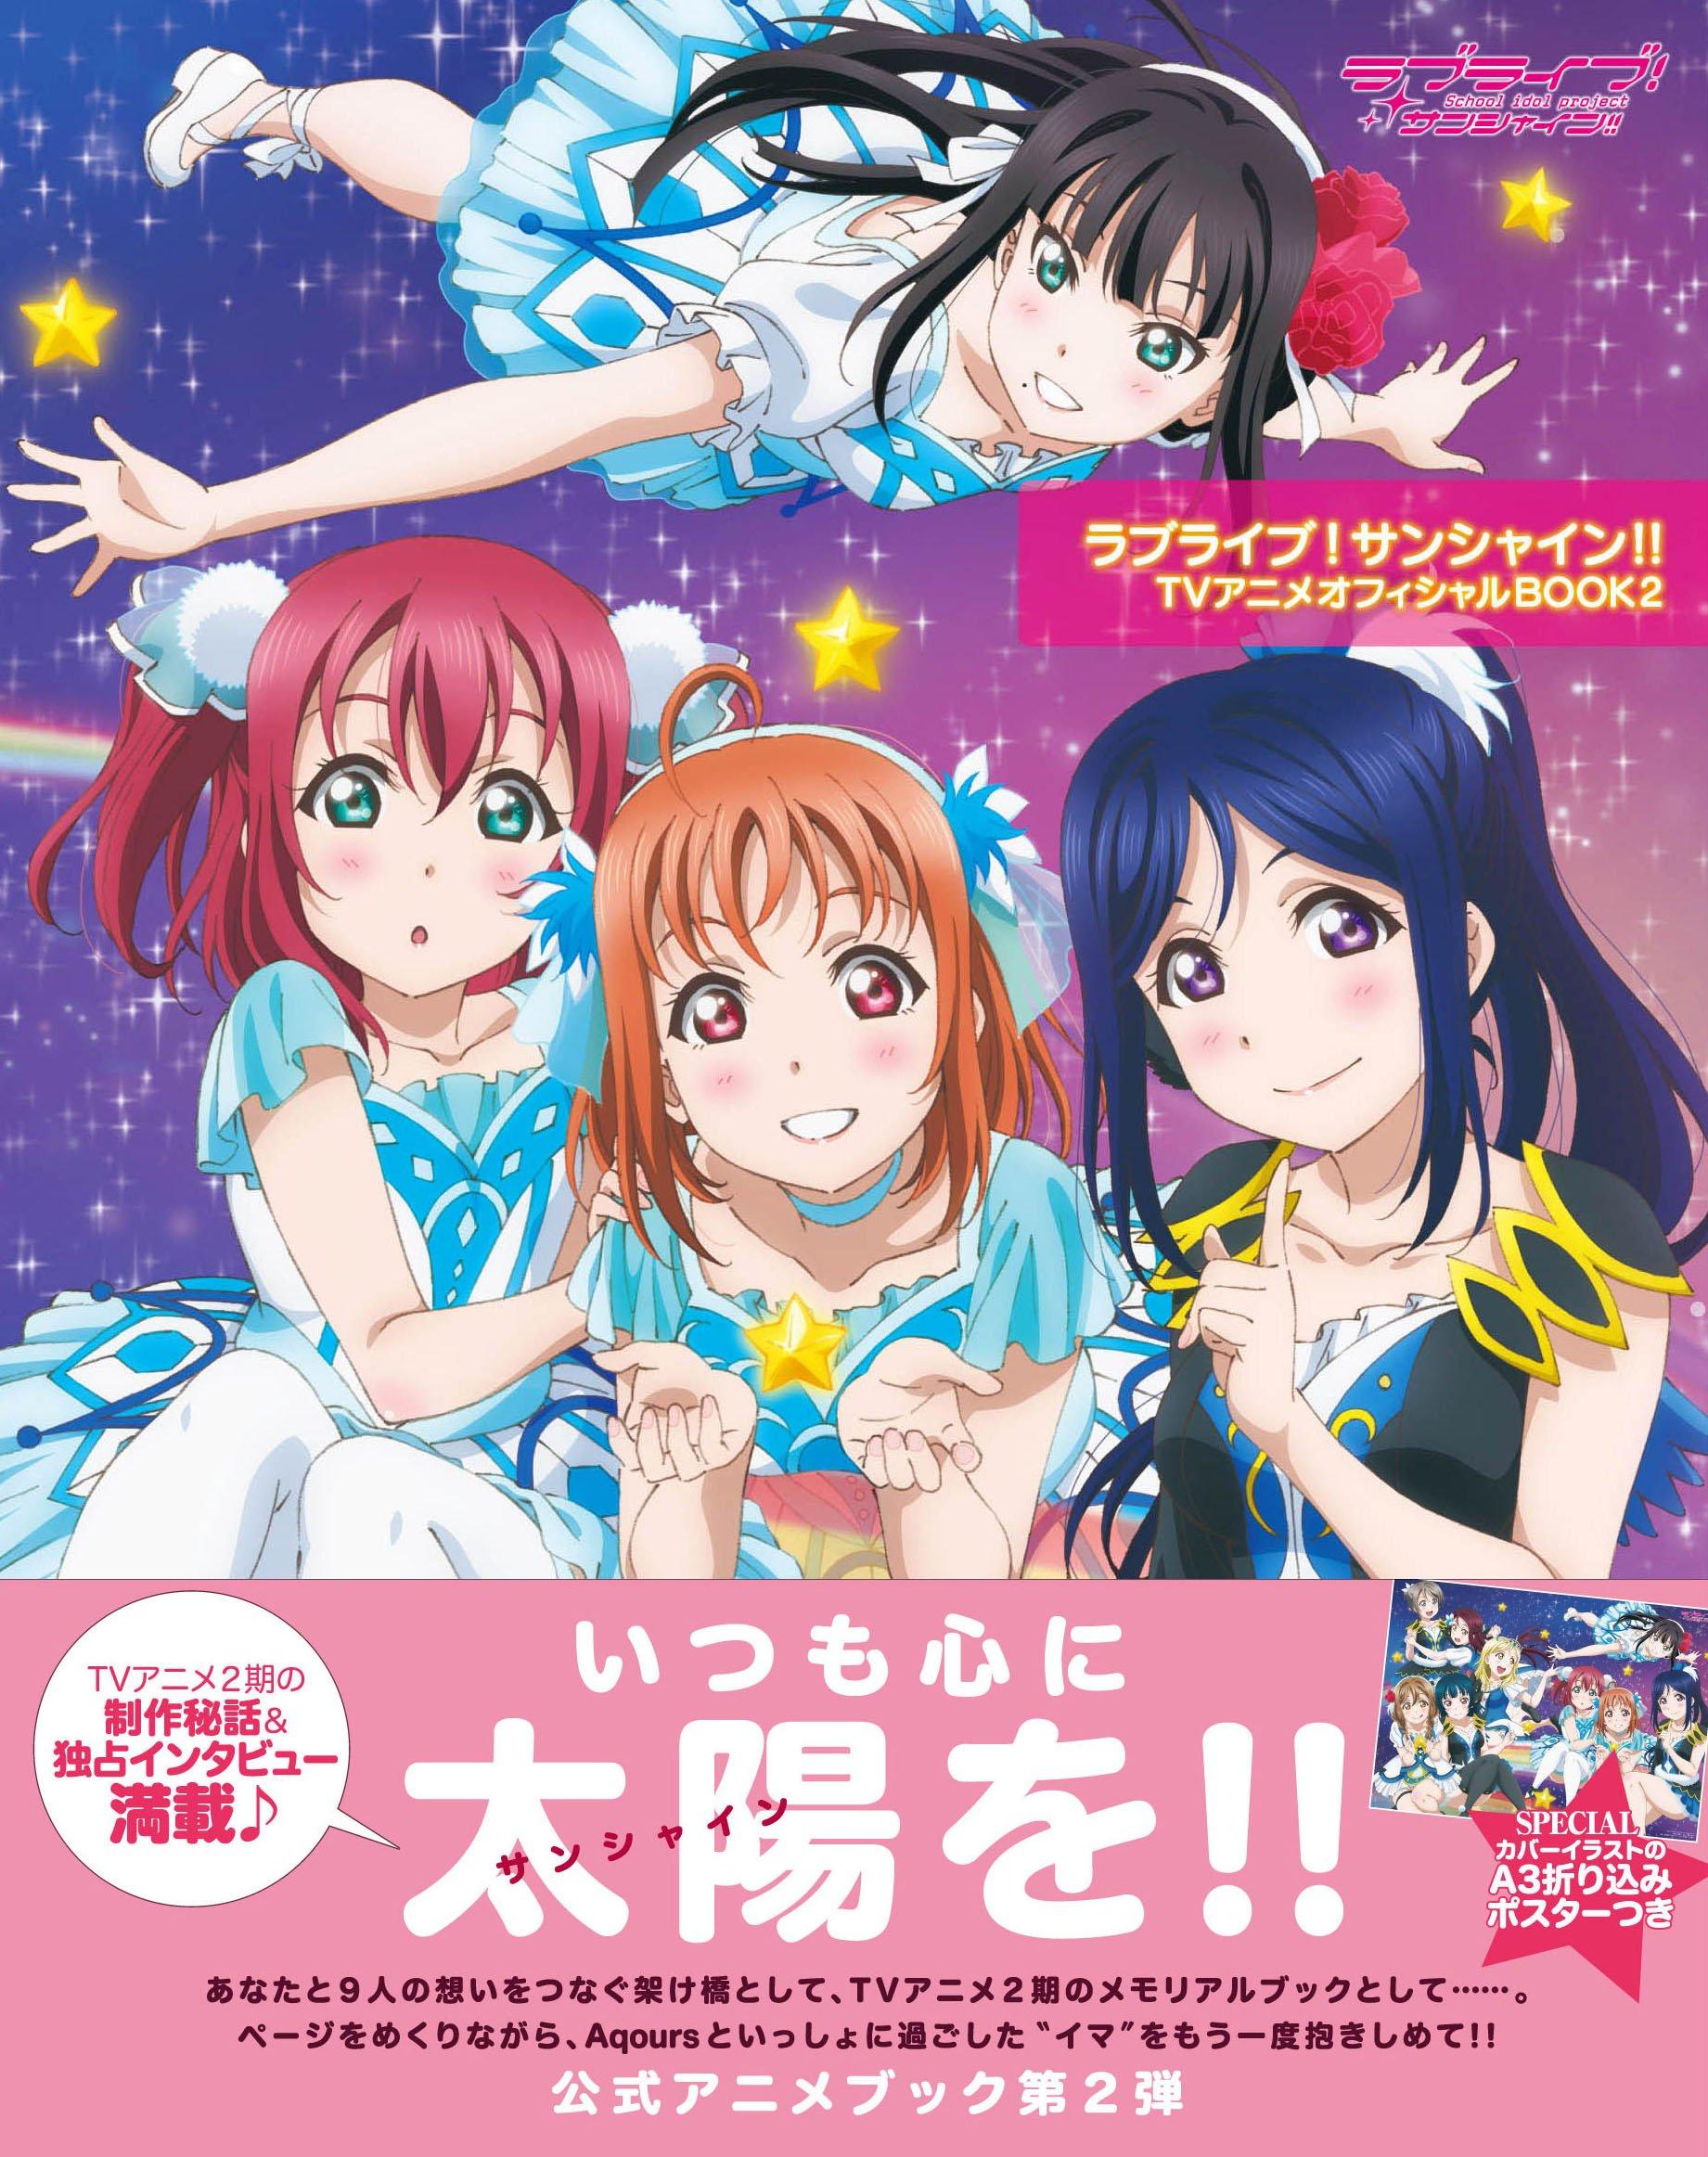 ラブライブ サンシャイン Tvアニメオフィシャルbook2 電撃g S